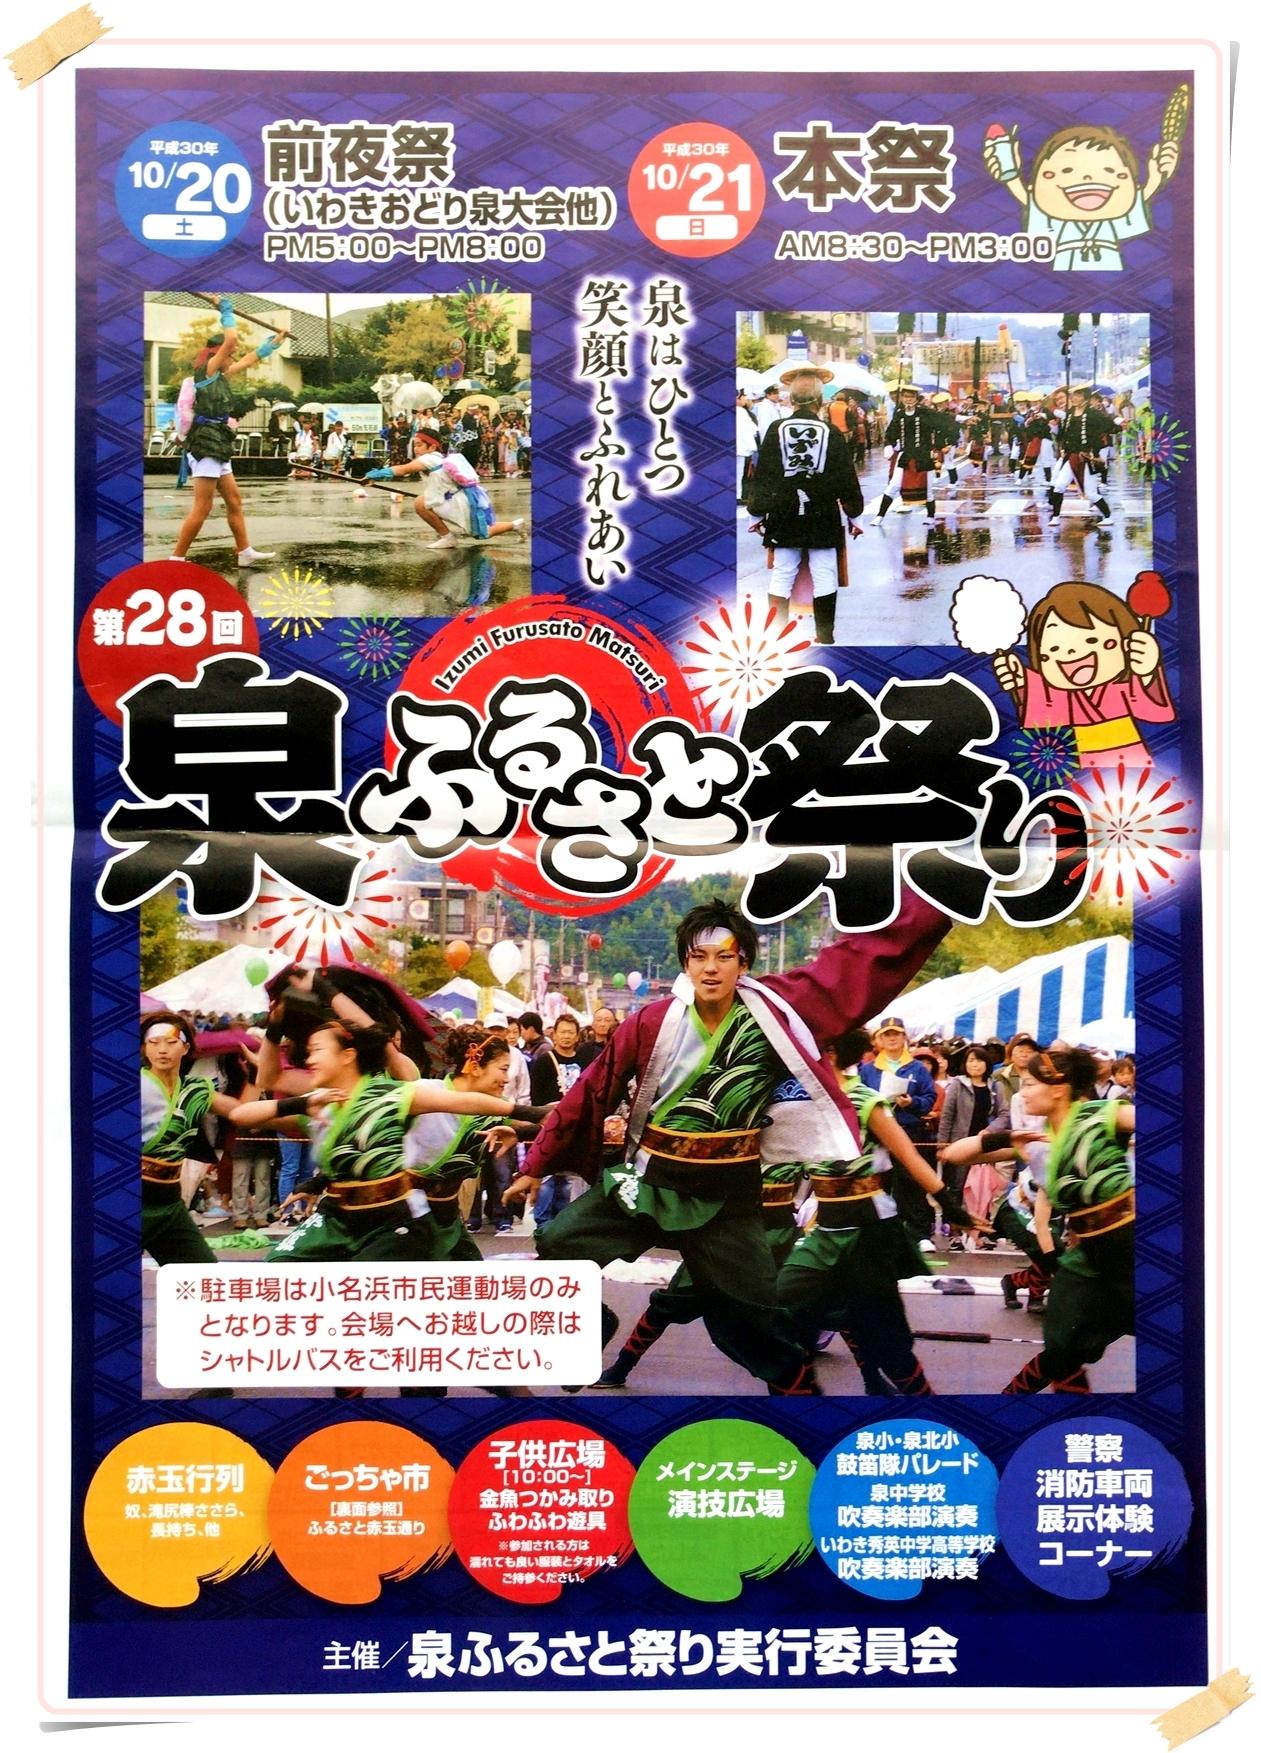 「第28回泉ふるさと祭り」今週末開催! [平成30年10月19日(金)更新]